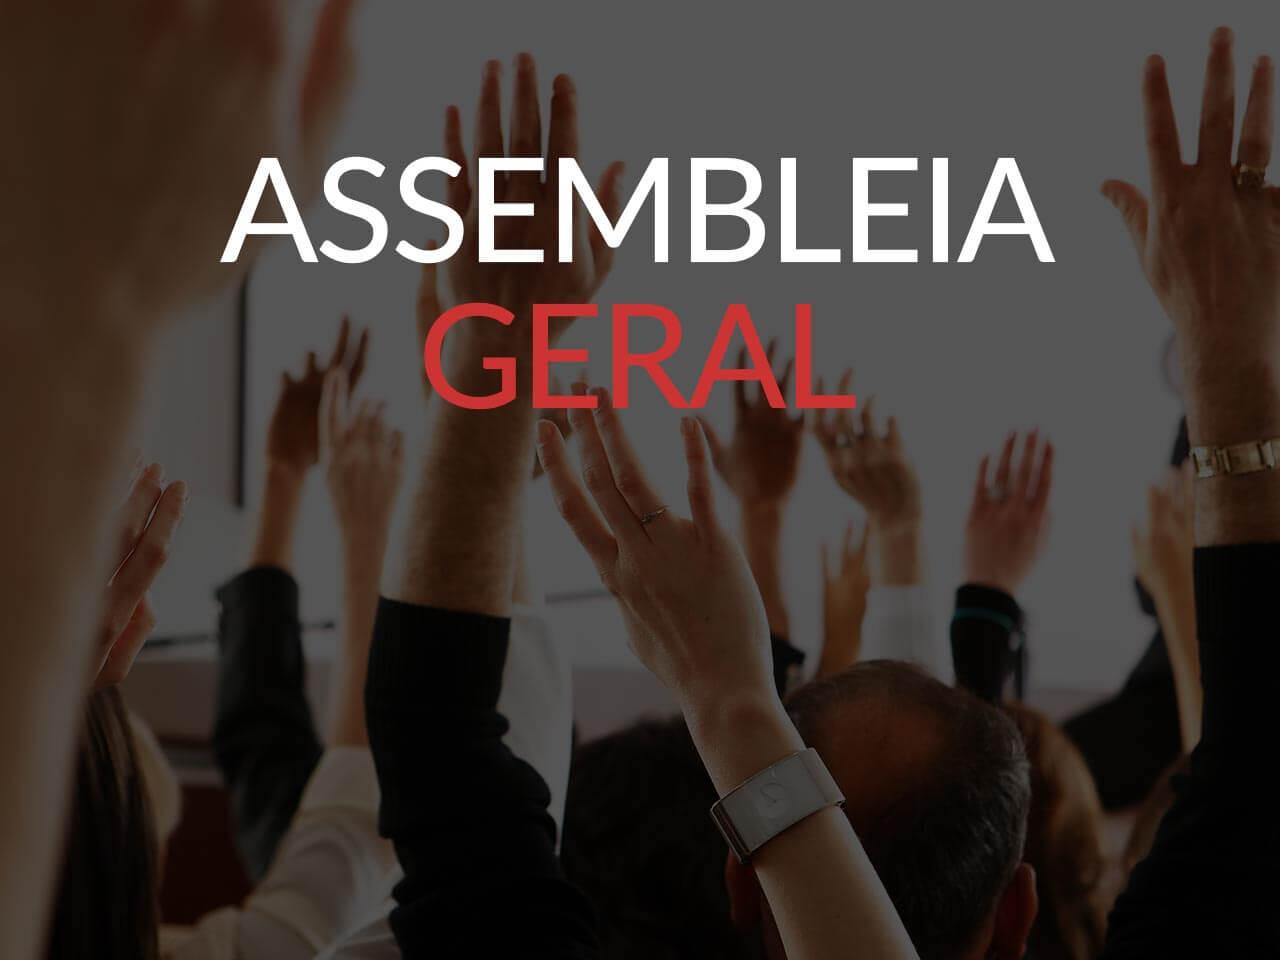 Sorocaba : Convocatória de Assembleia Geral dos Trabalhadores